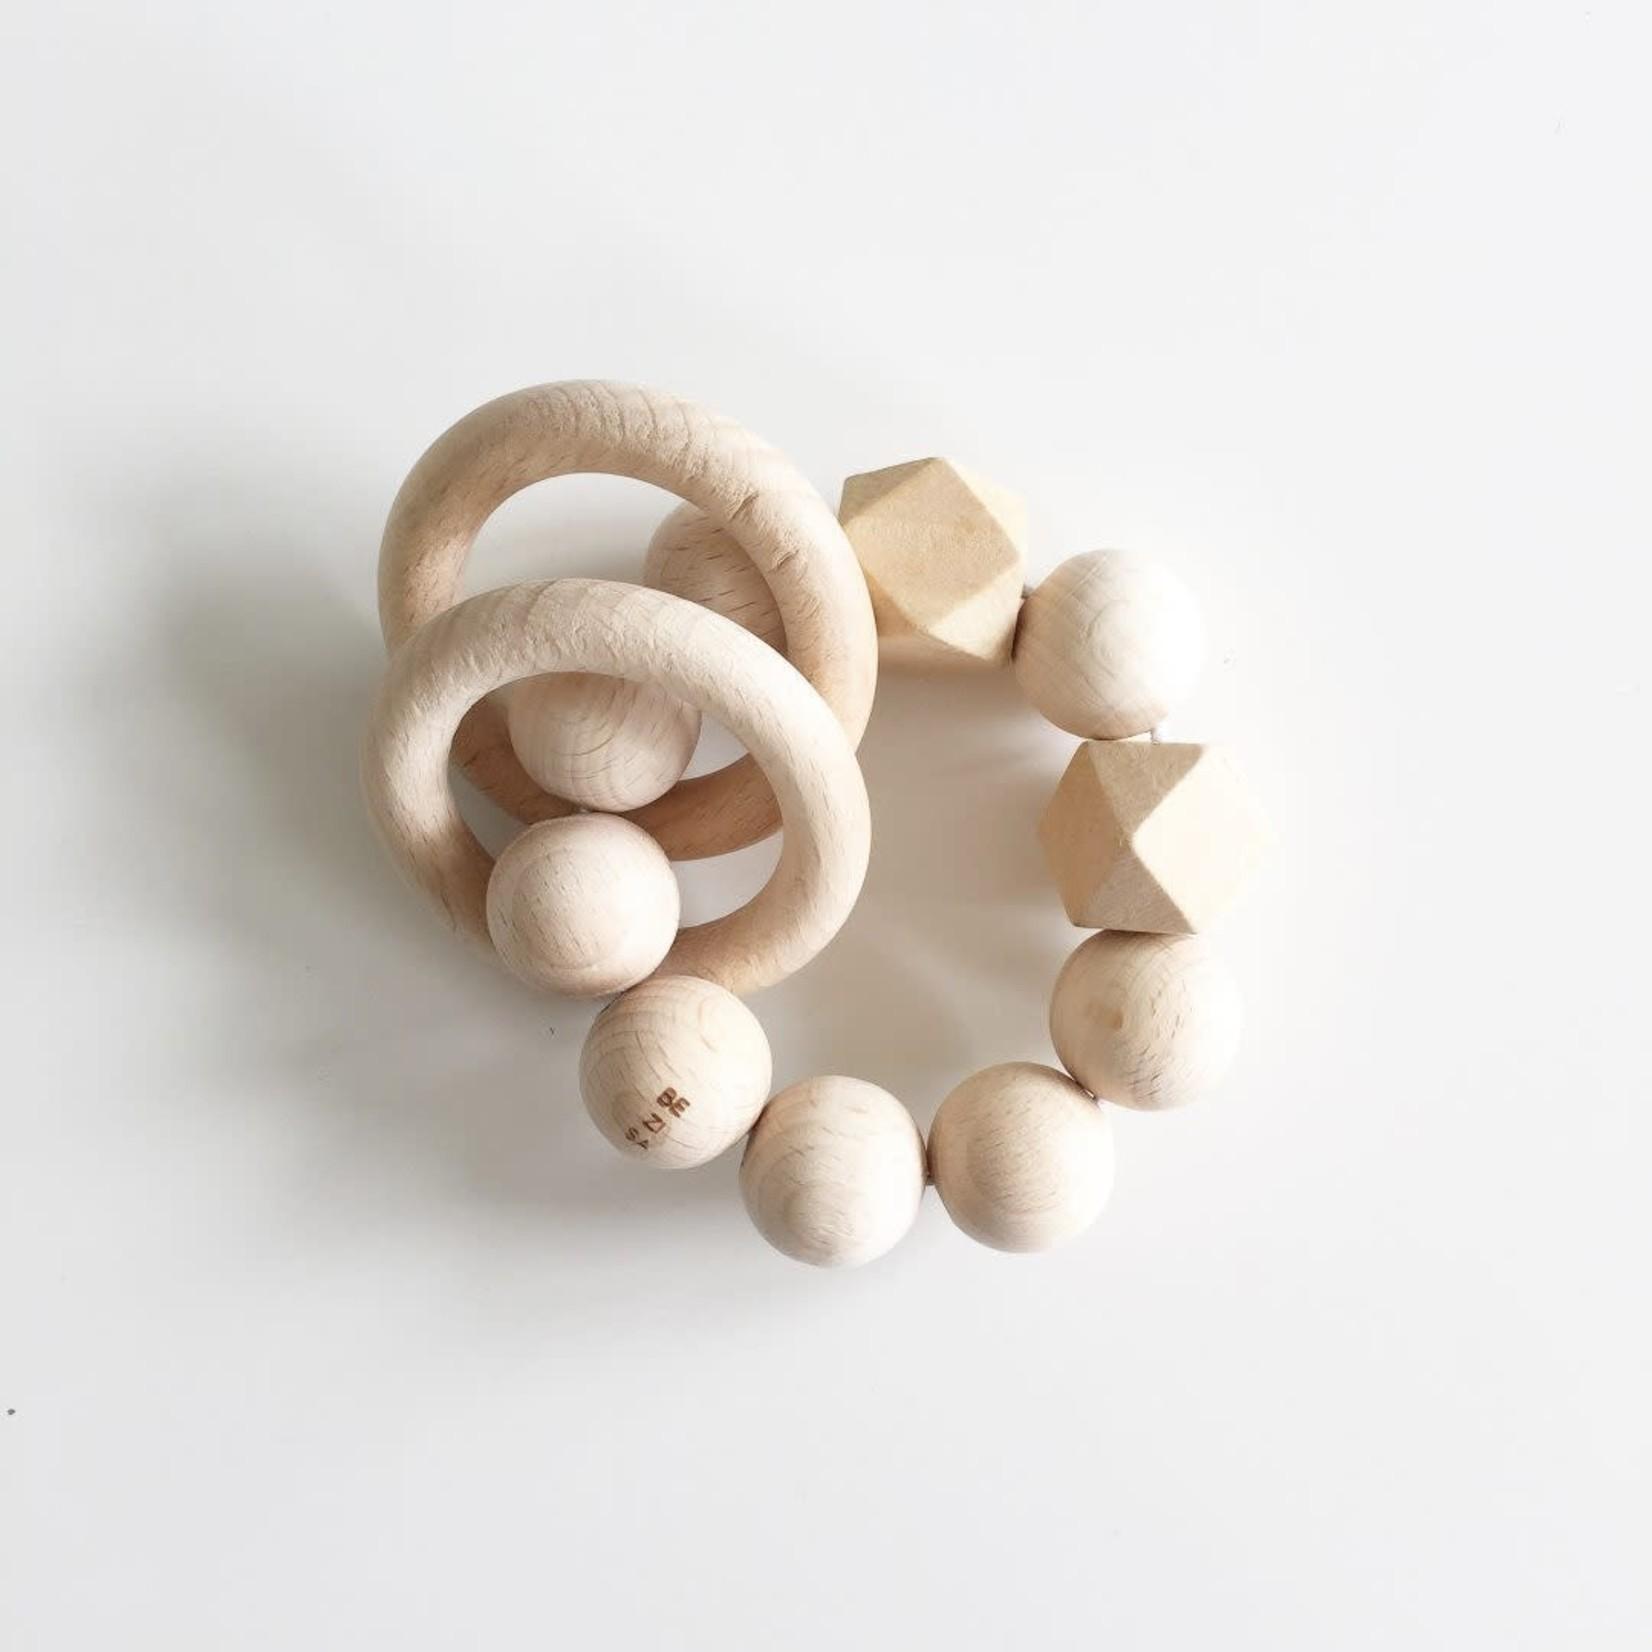 BEZISA Rammelaar Wooden Basics